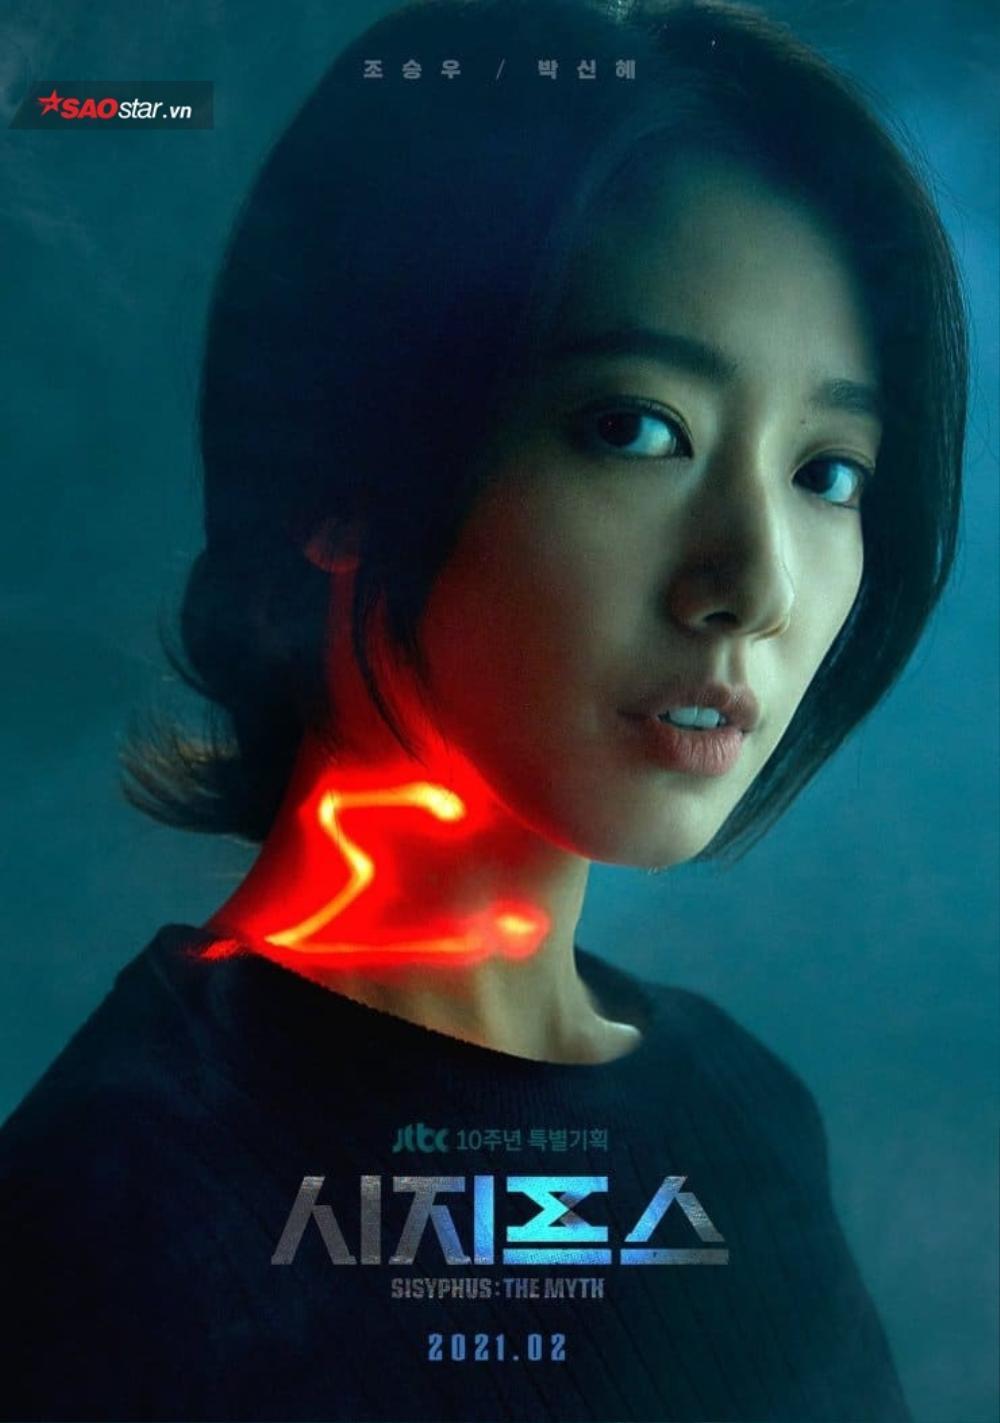 Phim Hàn Quốc đầu tháng 02: Màn đối đầu cực căng giữa Park Shin Hye và Kim So Hyun Ảnh 11